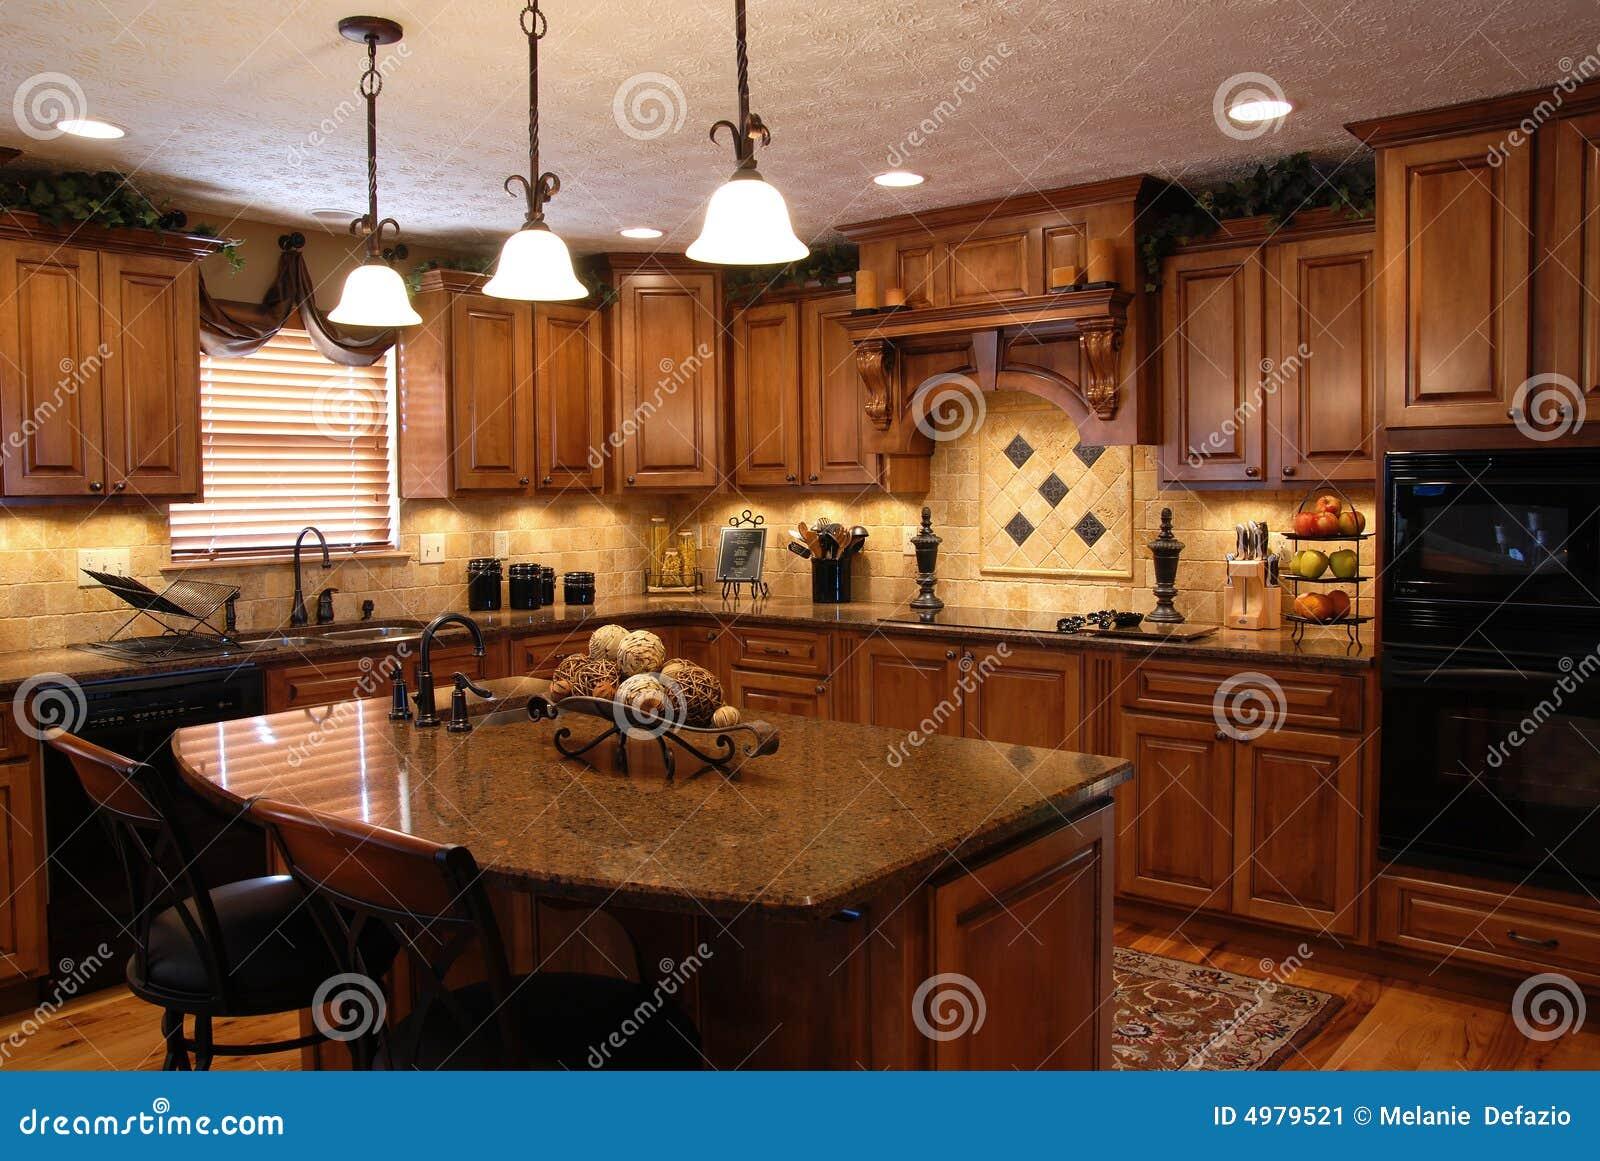 Cozinha Feita Sob Encomenda Imagem de Stock Imagem: 4979521 #743C1C 1300 960